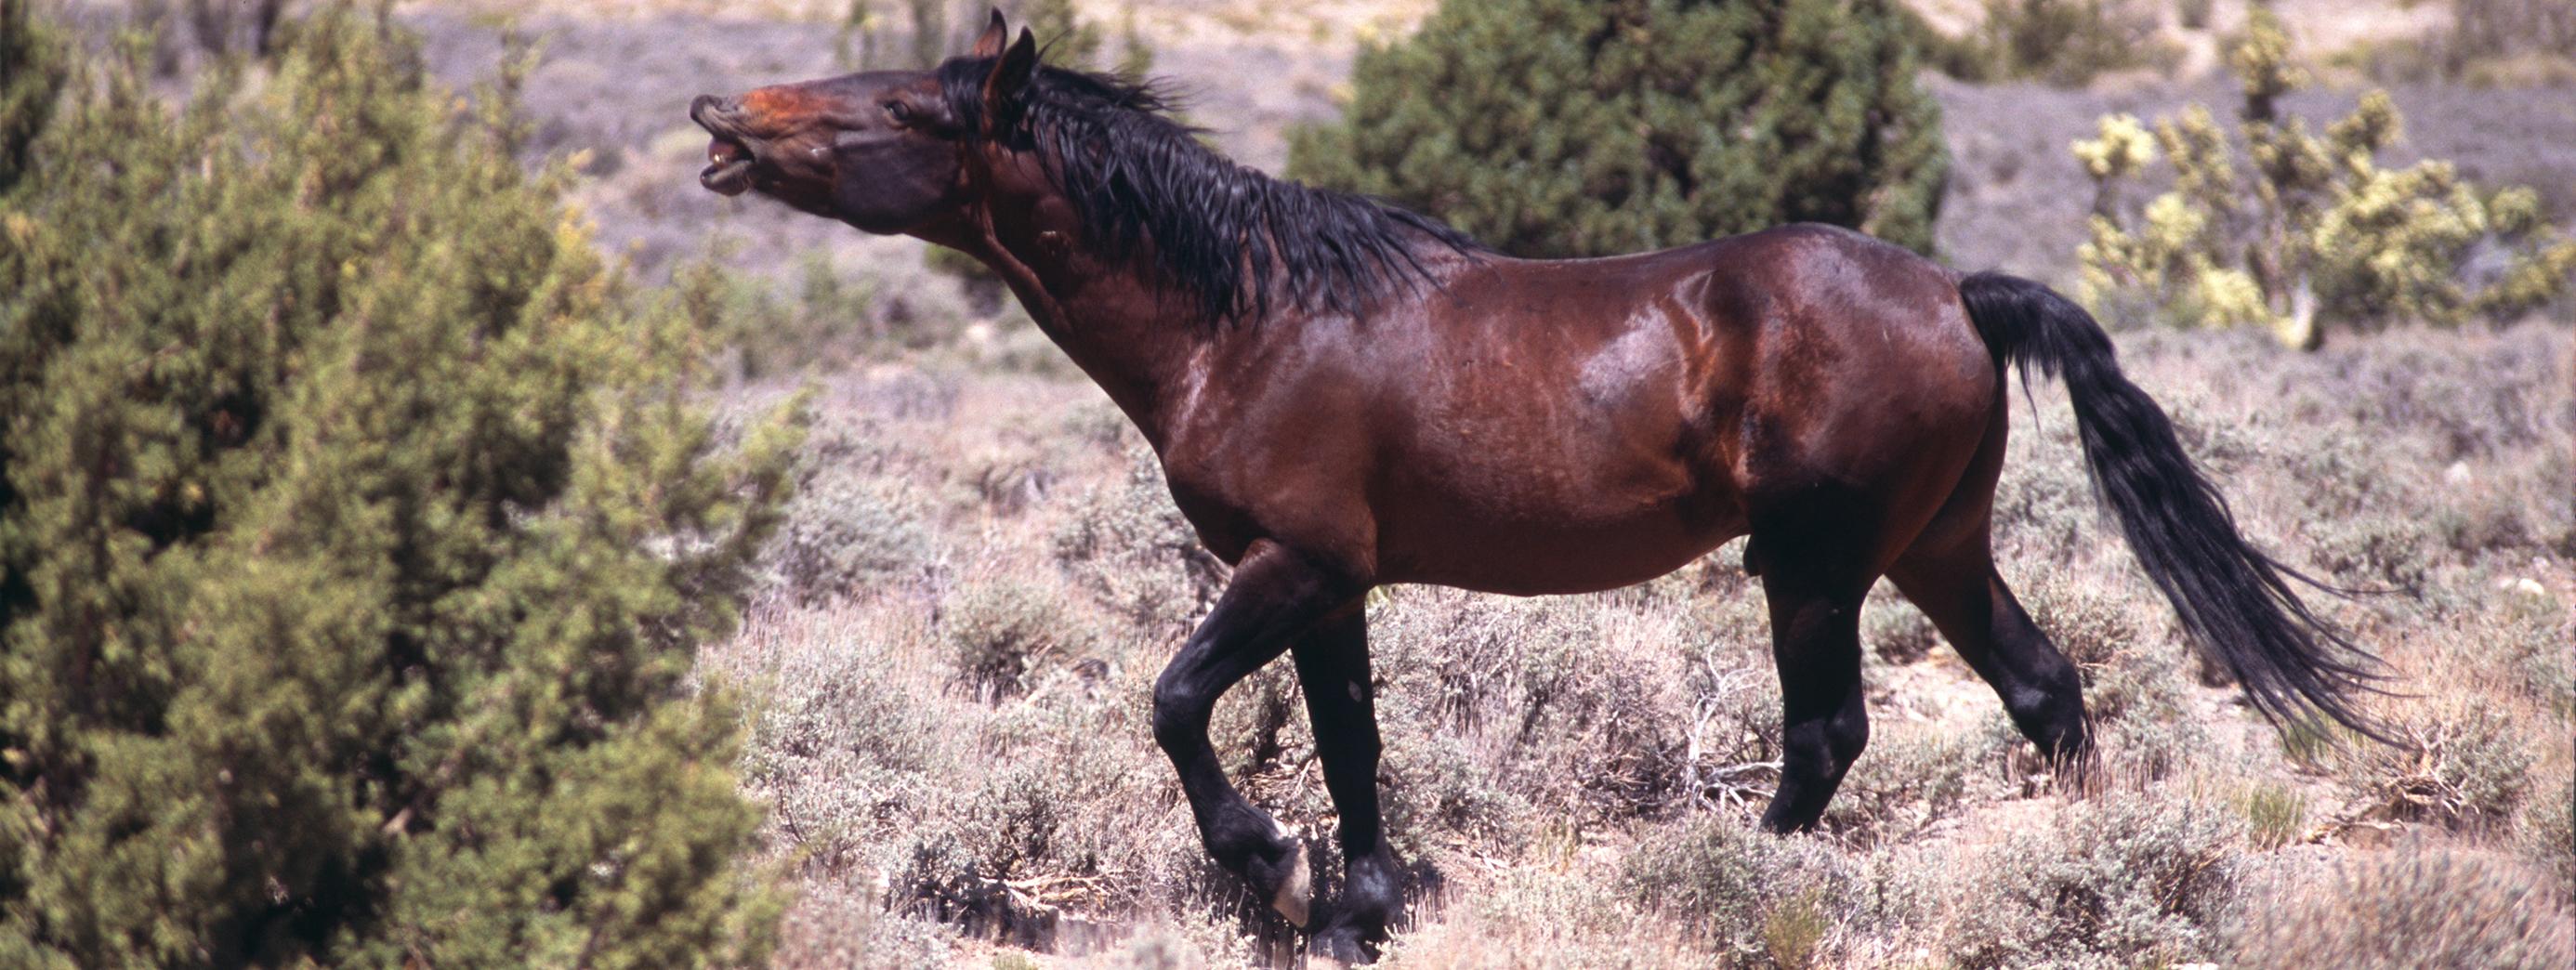 Horse-02-12-0023-m-1x3-W